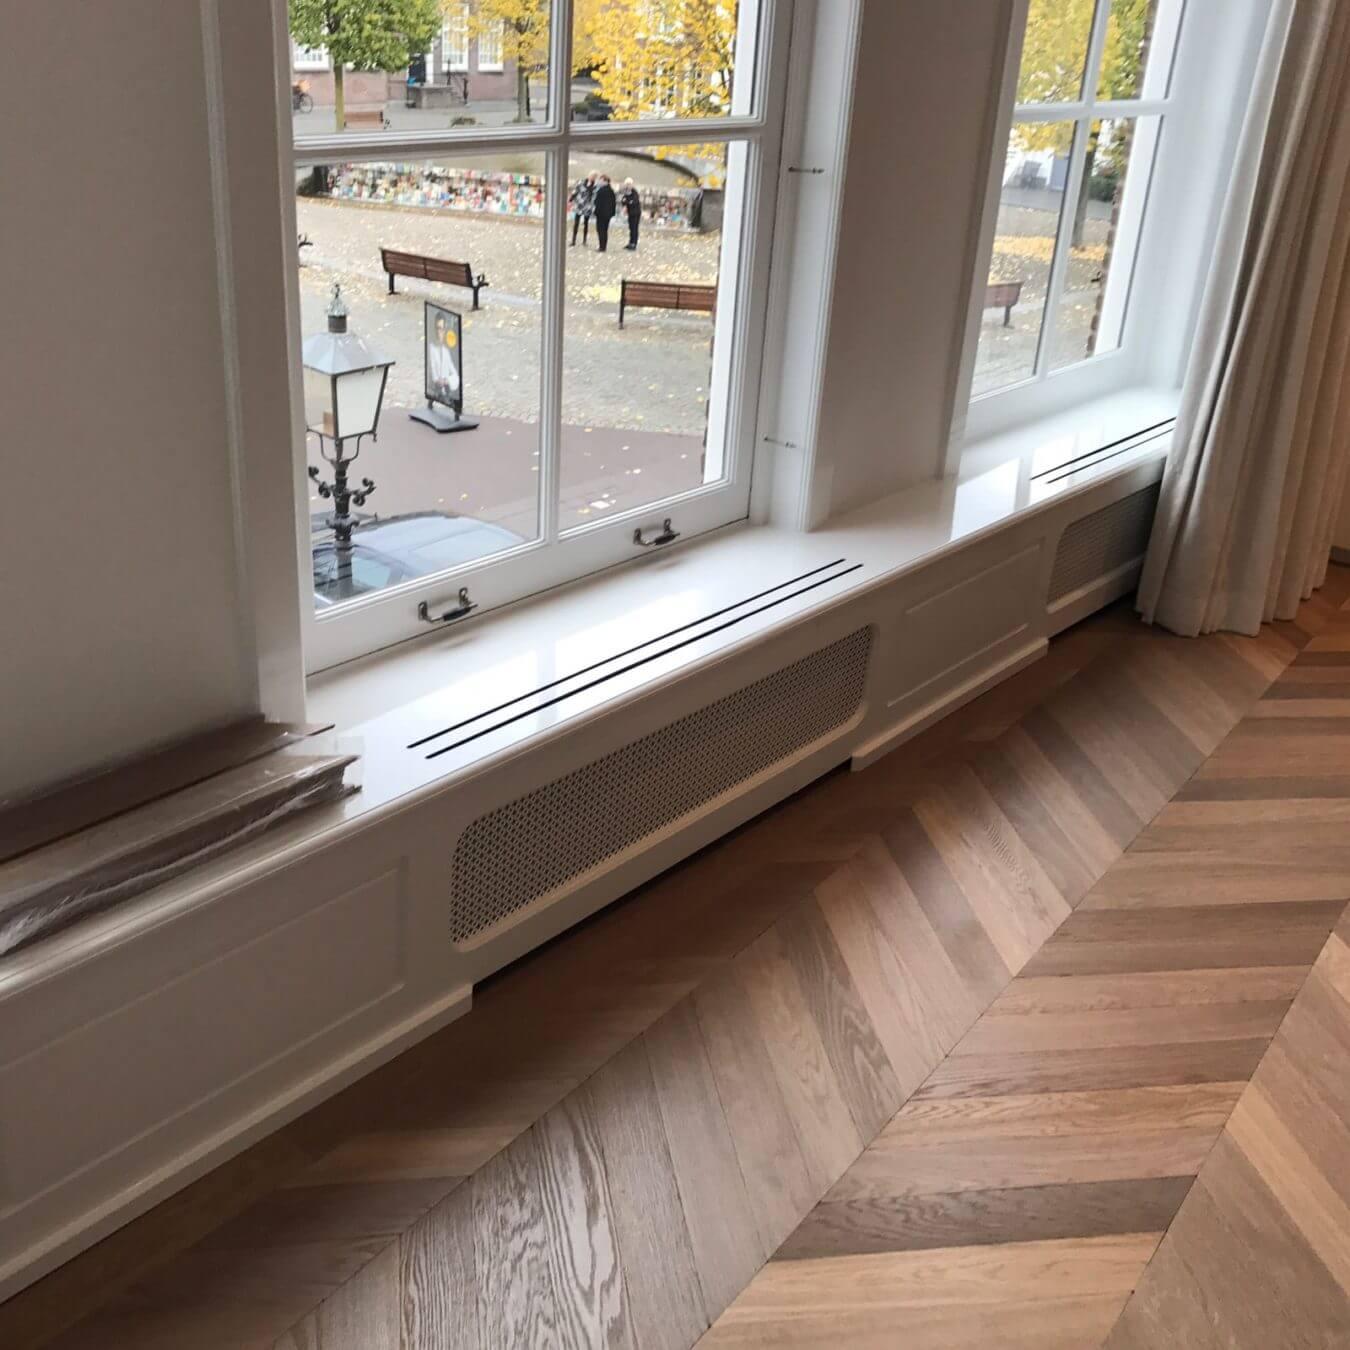 Verouderde hongaarse punt in het centrum van Harderwijk, gelegd en geleverd door Vloerenhuis Amsterdam. Bezoek onze showroom.